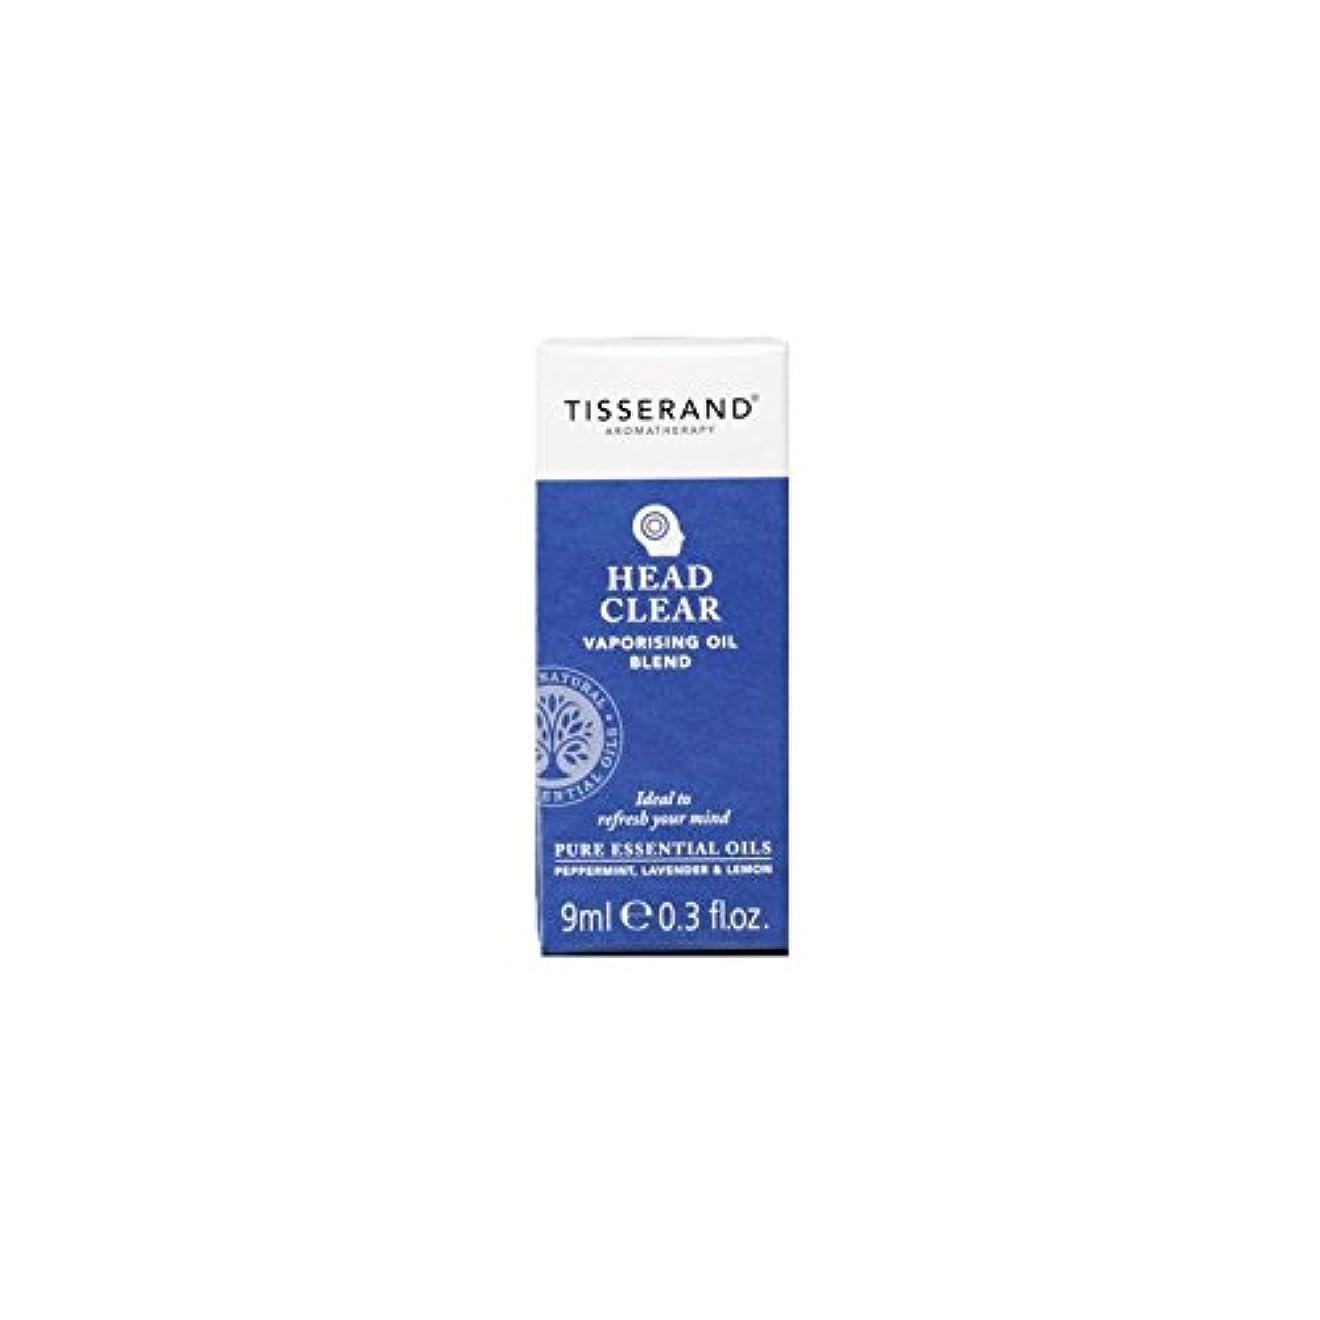 服お茶配管ヘッド明確な気化油の9ミリリットル (Tisserand) (x 2) - Tisserand Head Clear Vaporising Oil 9ml (Pack of 2) [並行輸入品]